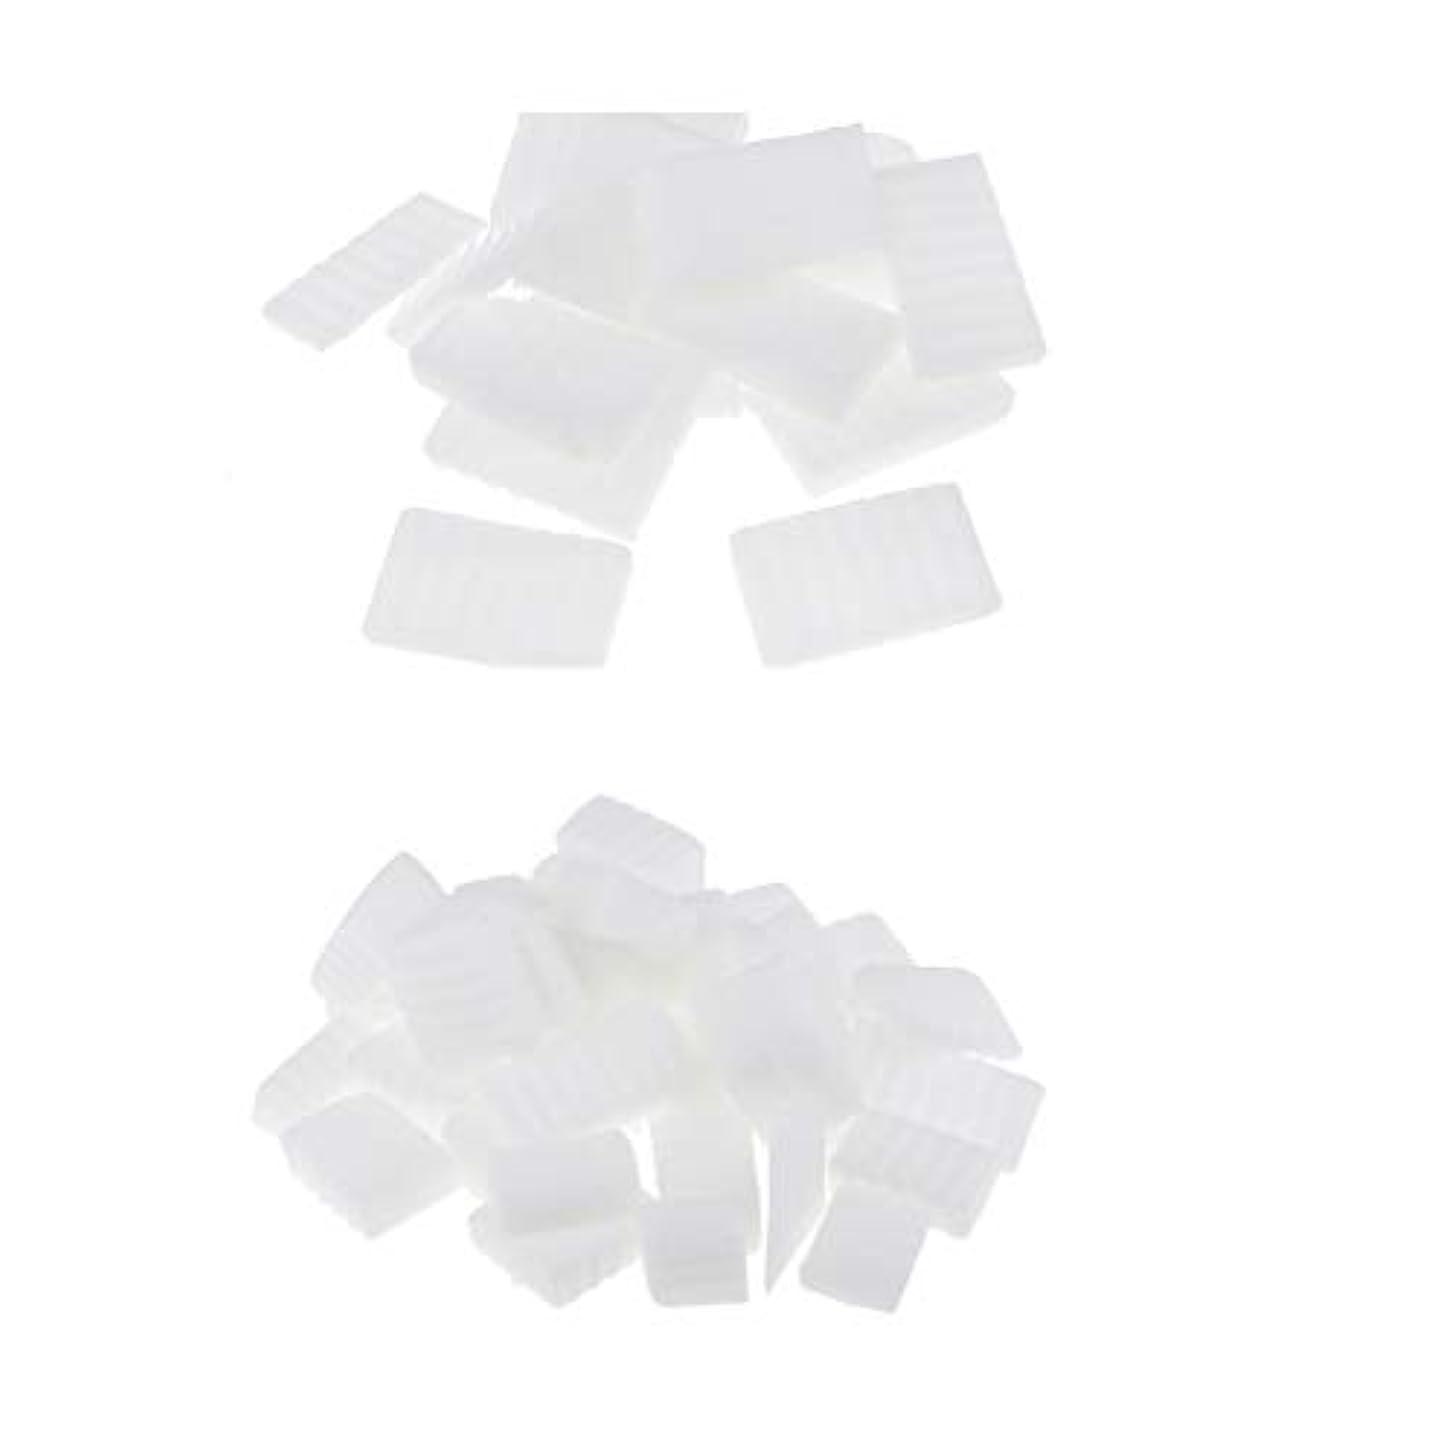 燃料比較的湿気の多い石けん素地 石鹸原料 DIY 手作り 石けん用 石鹸用 豆乳石けん用 白い 1500g入り